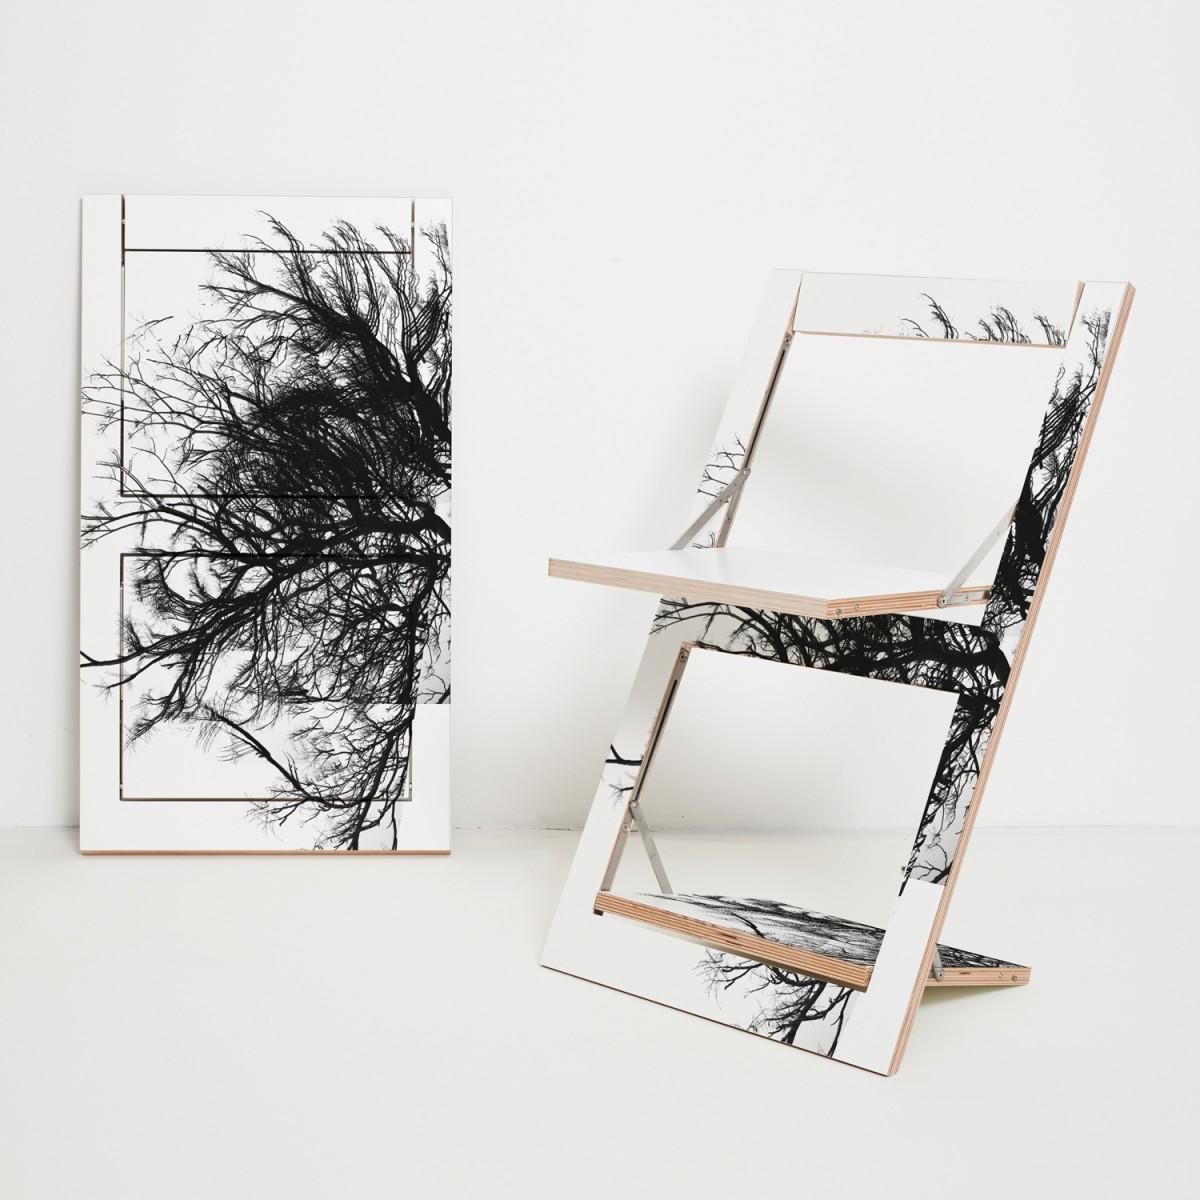 AMBIVALENZ Klappstuhl Fläpps Baum/Weiß (einseitig bedruckt)